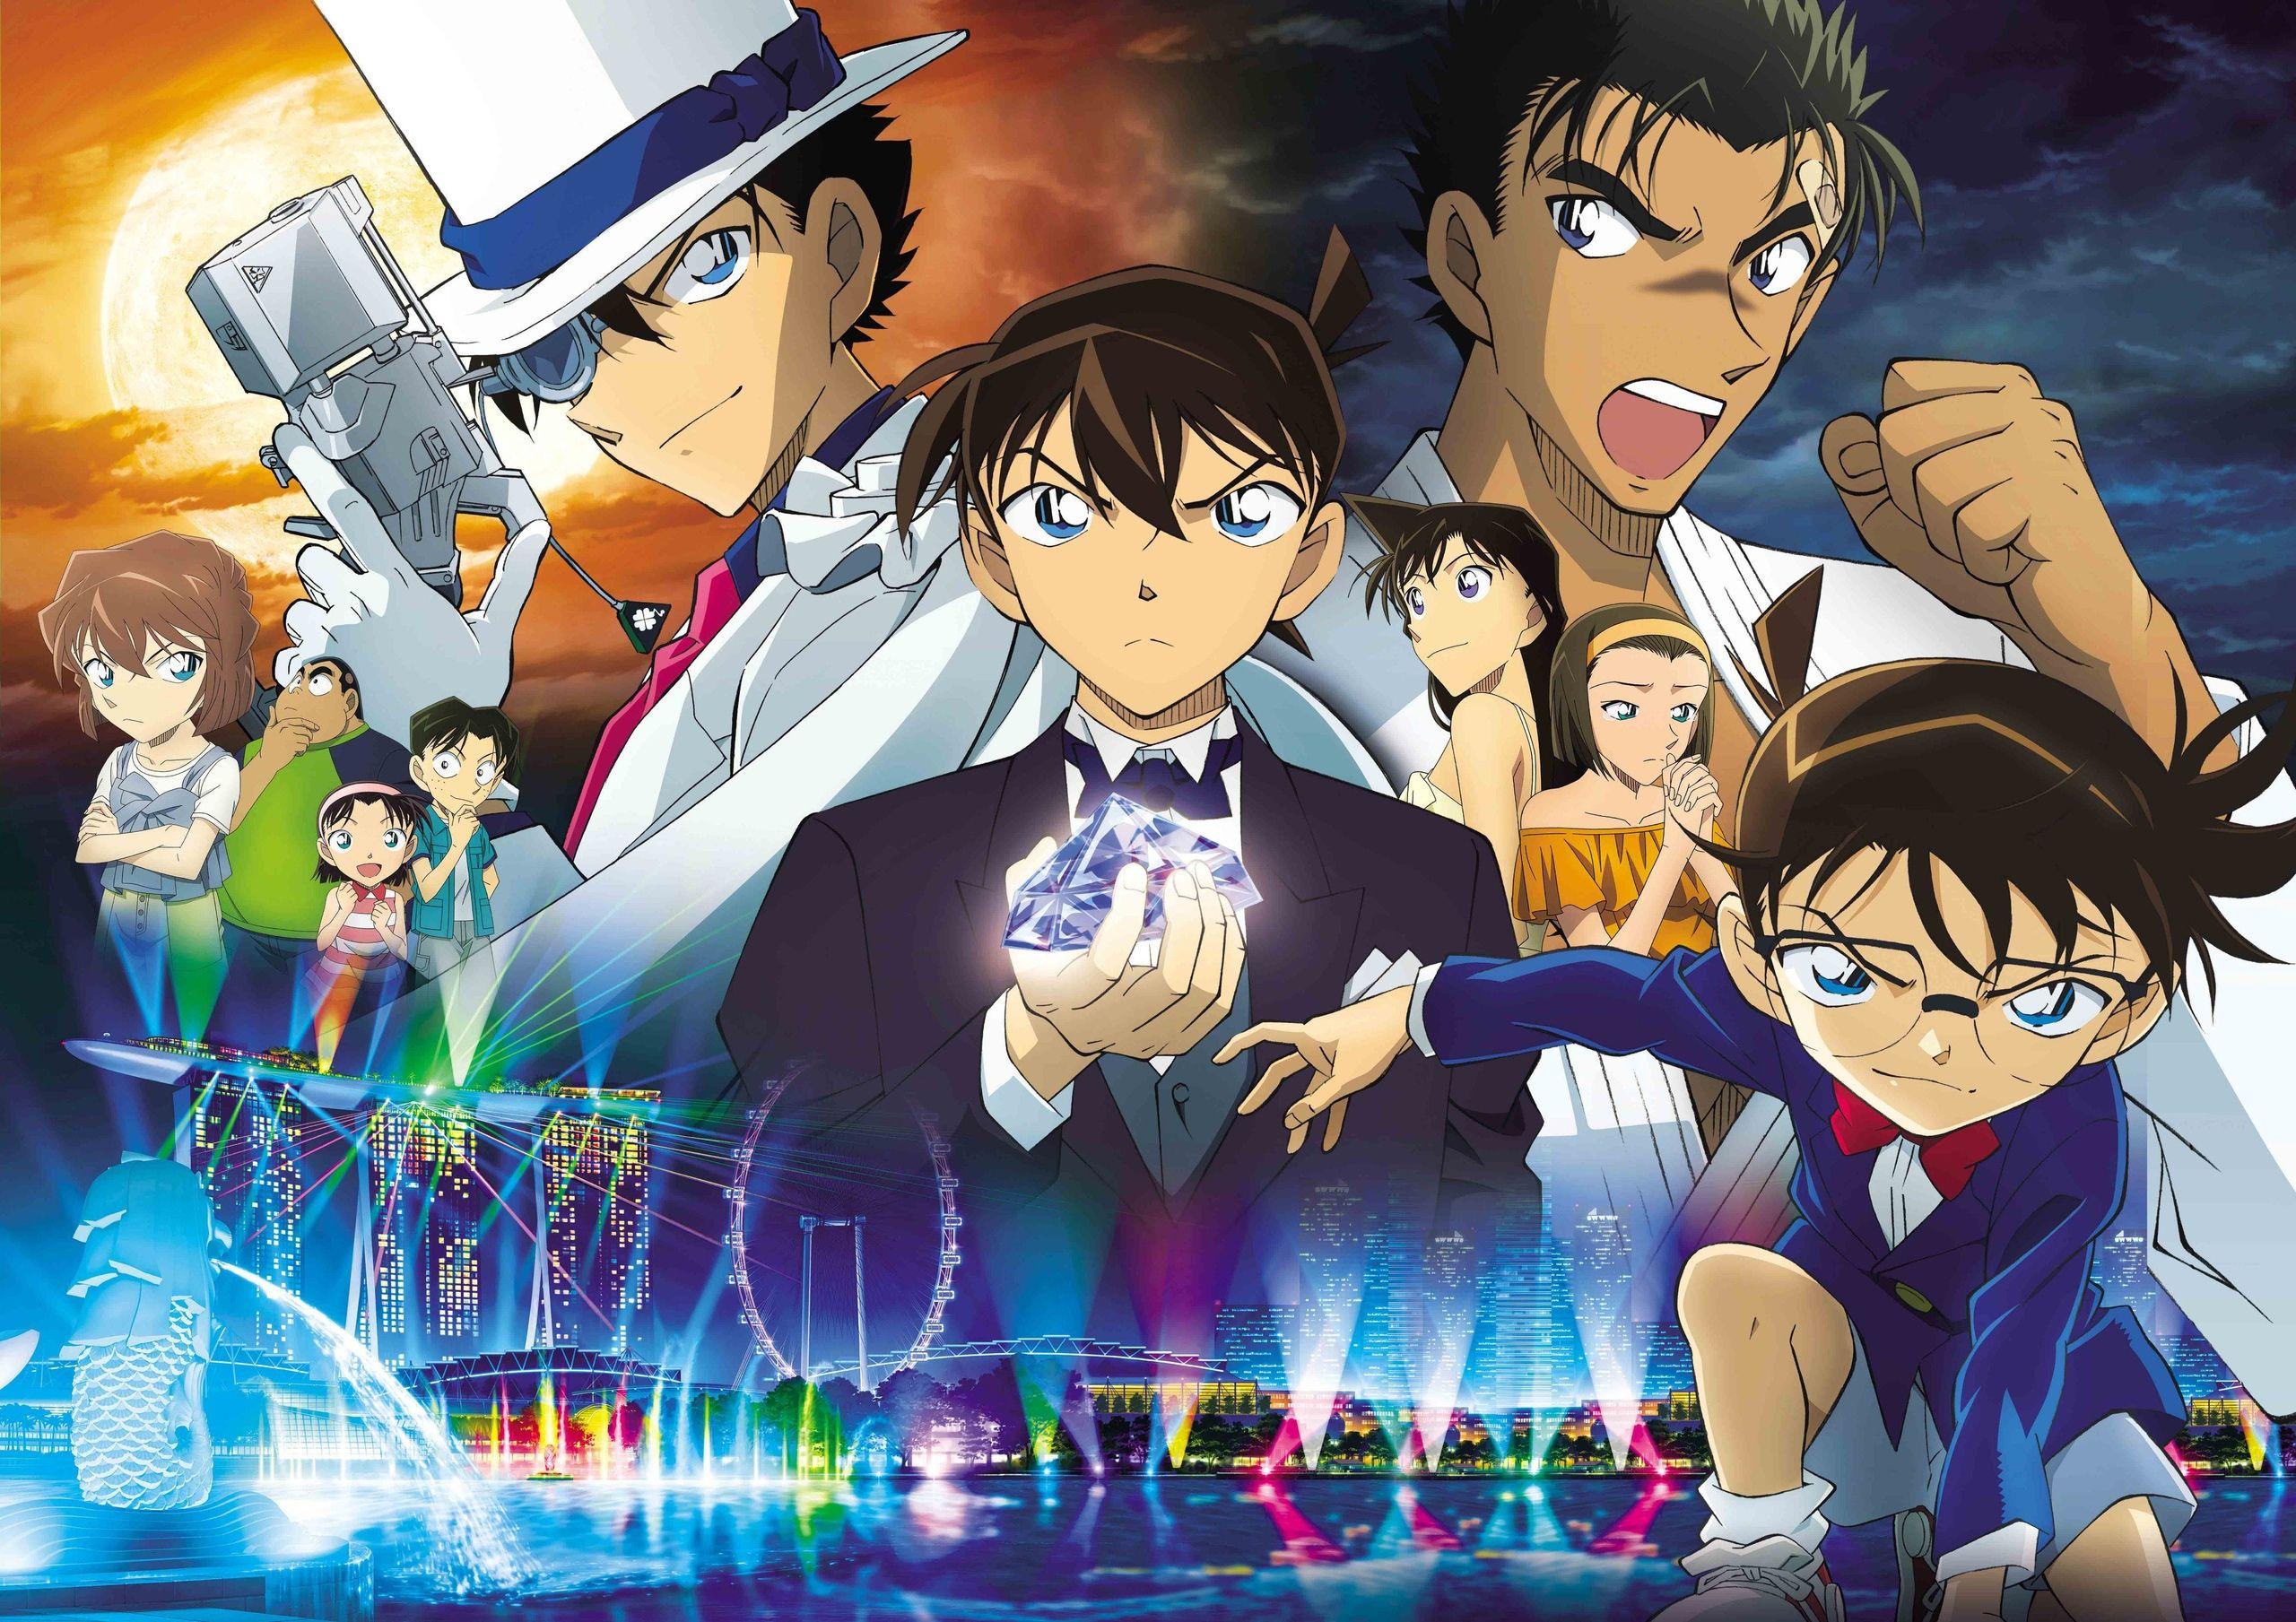 ป กพ นโดย Ryu ใน Kaito Kid Detective Conan โปสเตอร